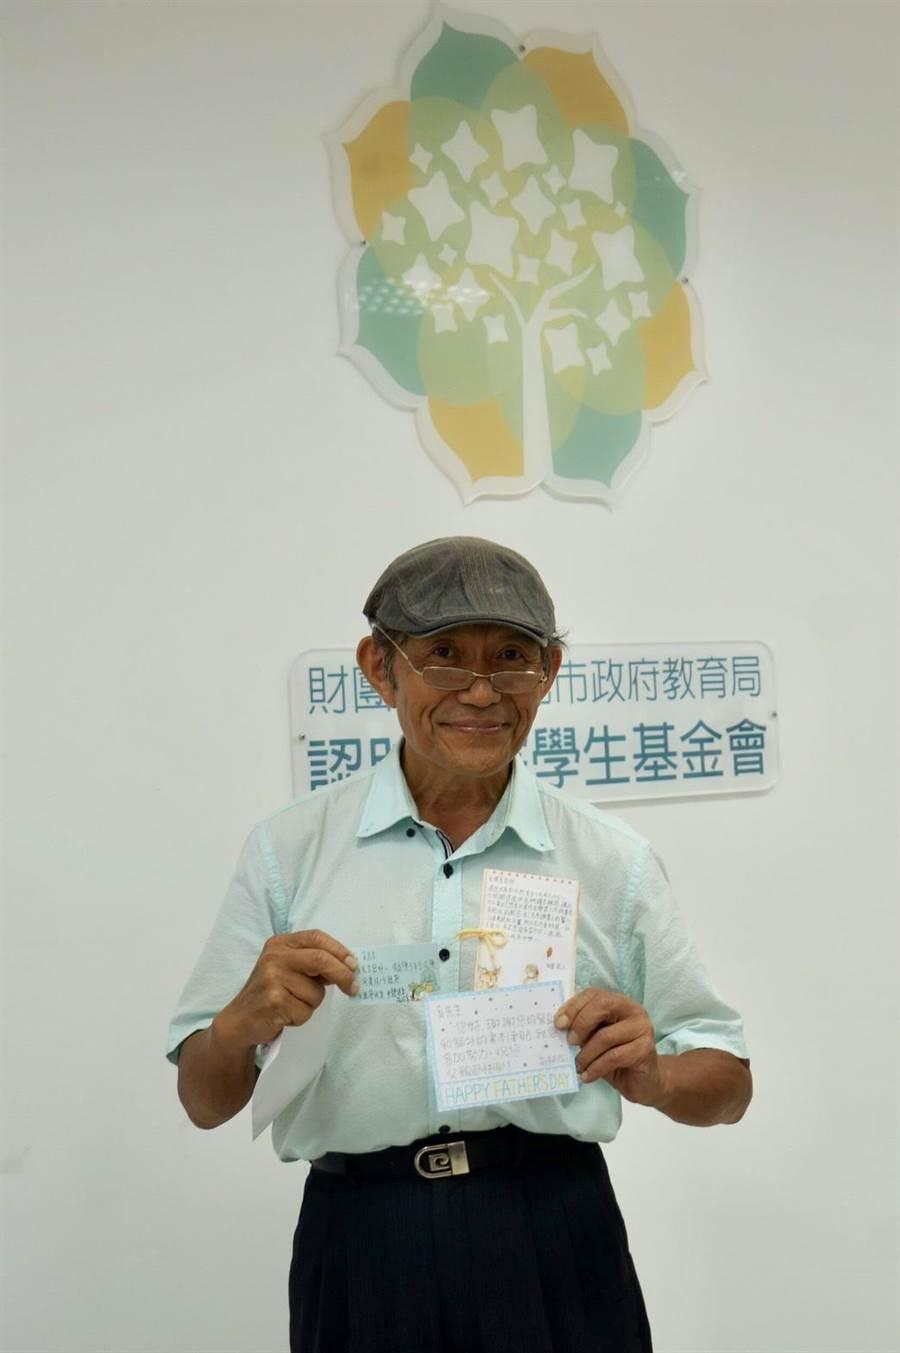 牙醫師奚臺陽認助了5位國高中學生的學費,每月還額外提供「買書津貼」。(張潼攝)